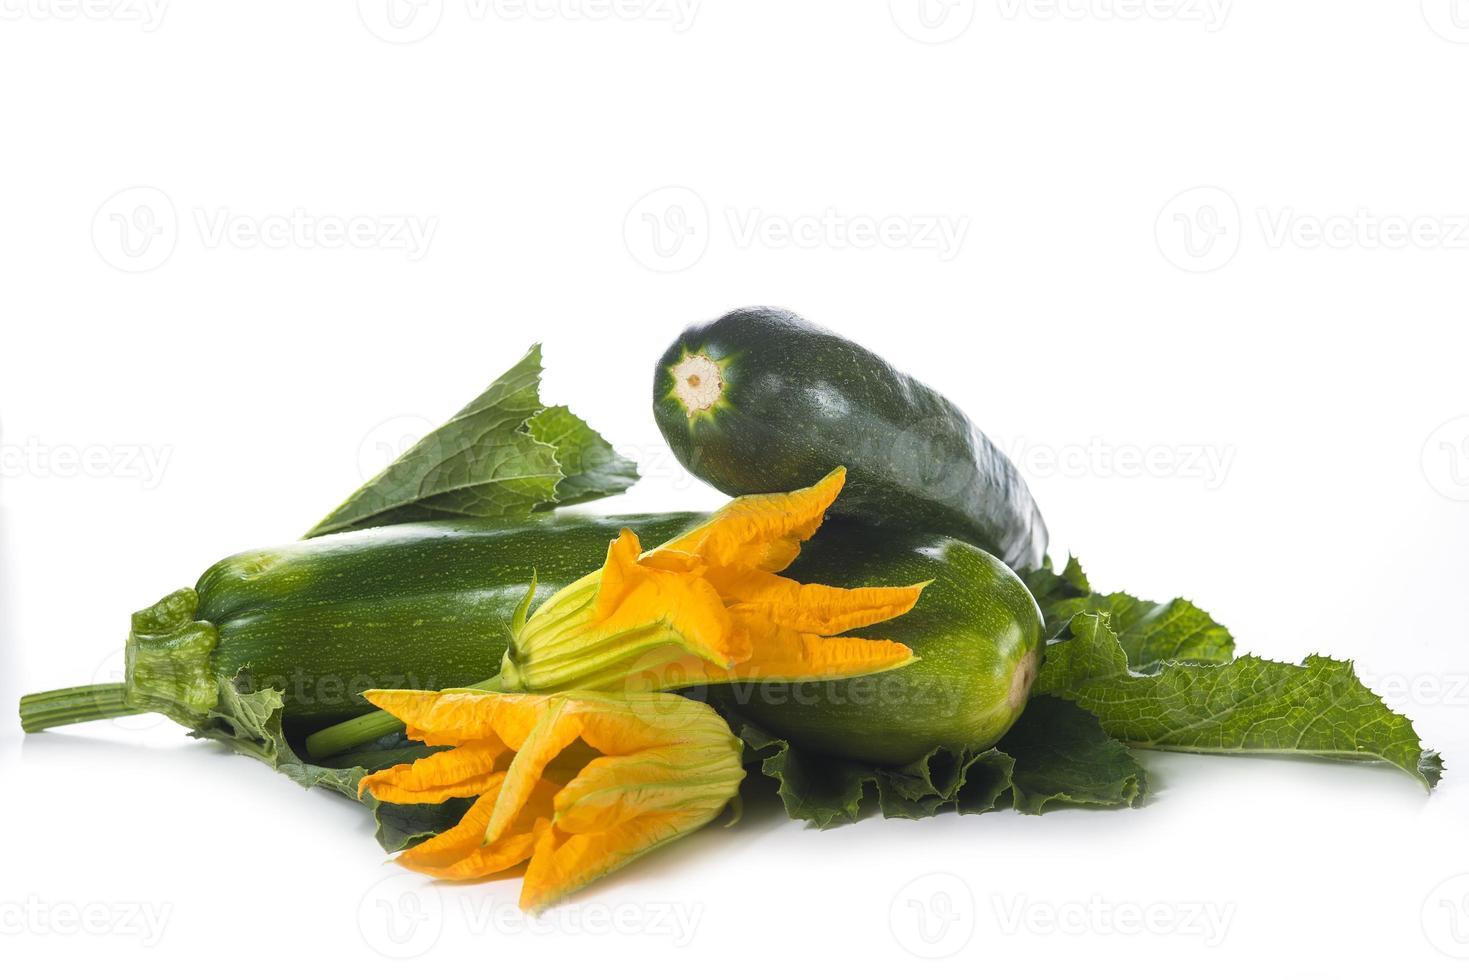 zucchini med blad och blommor foto